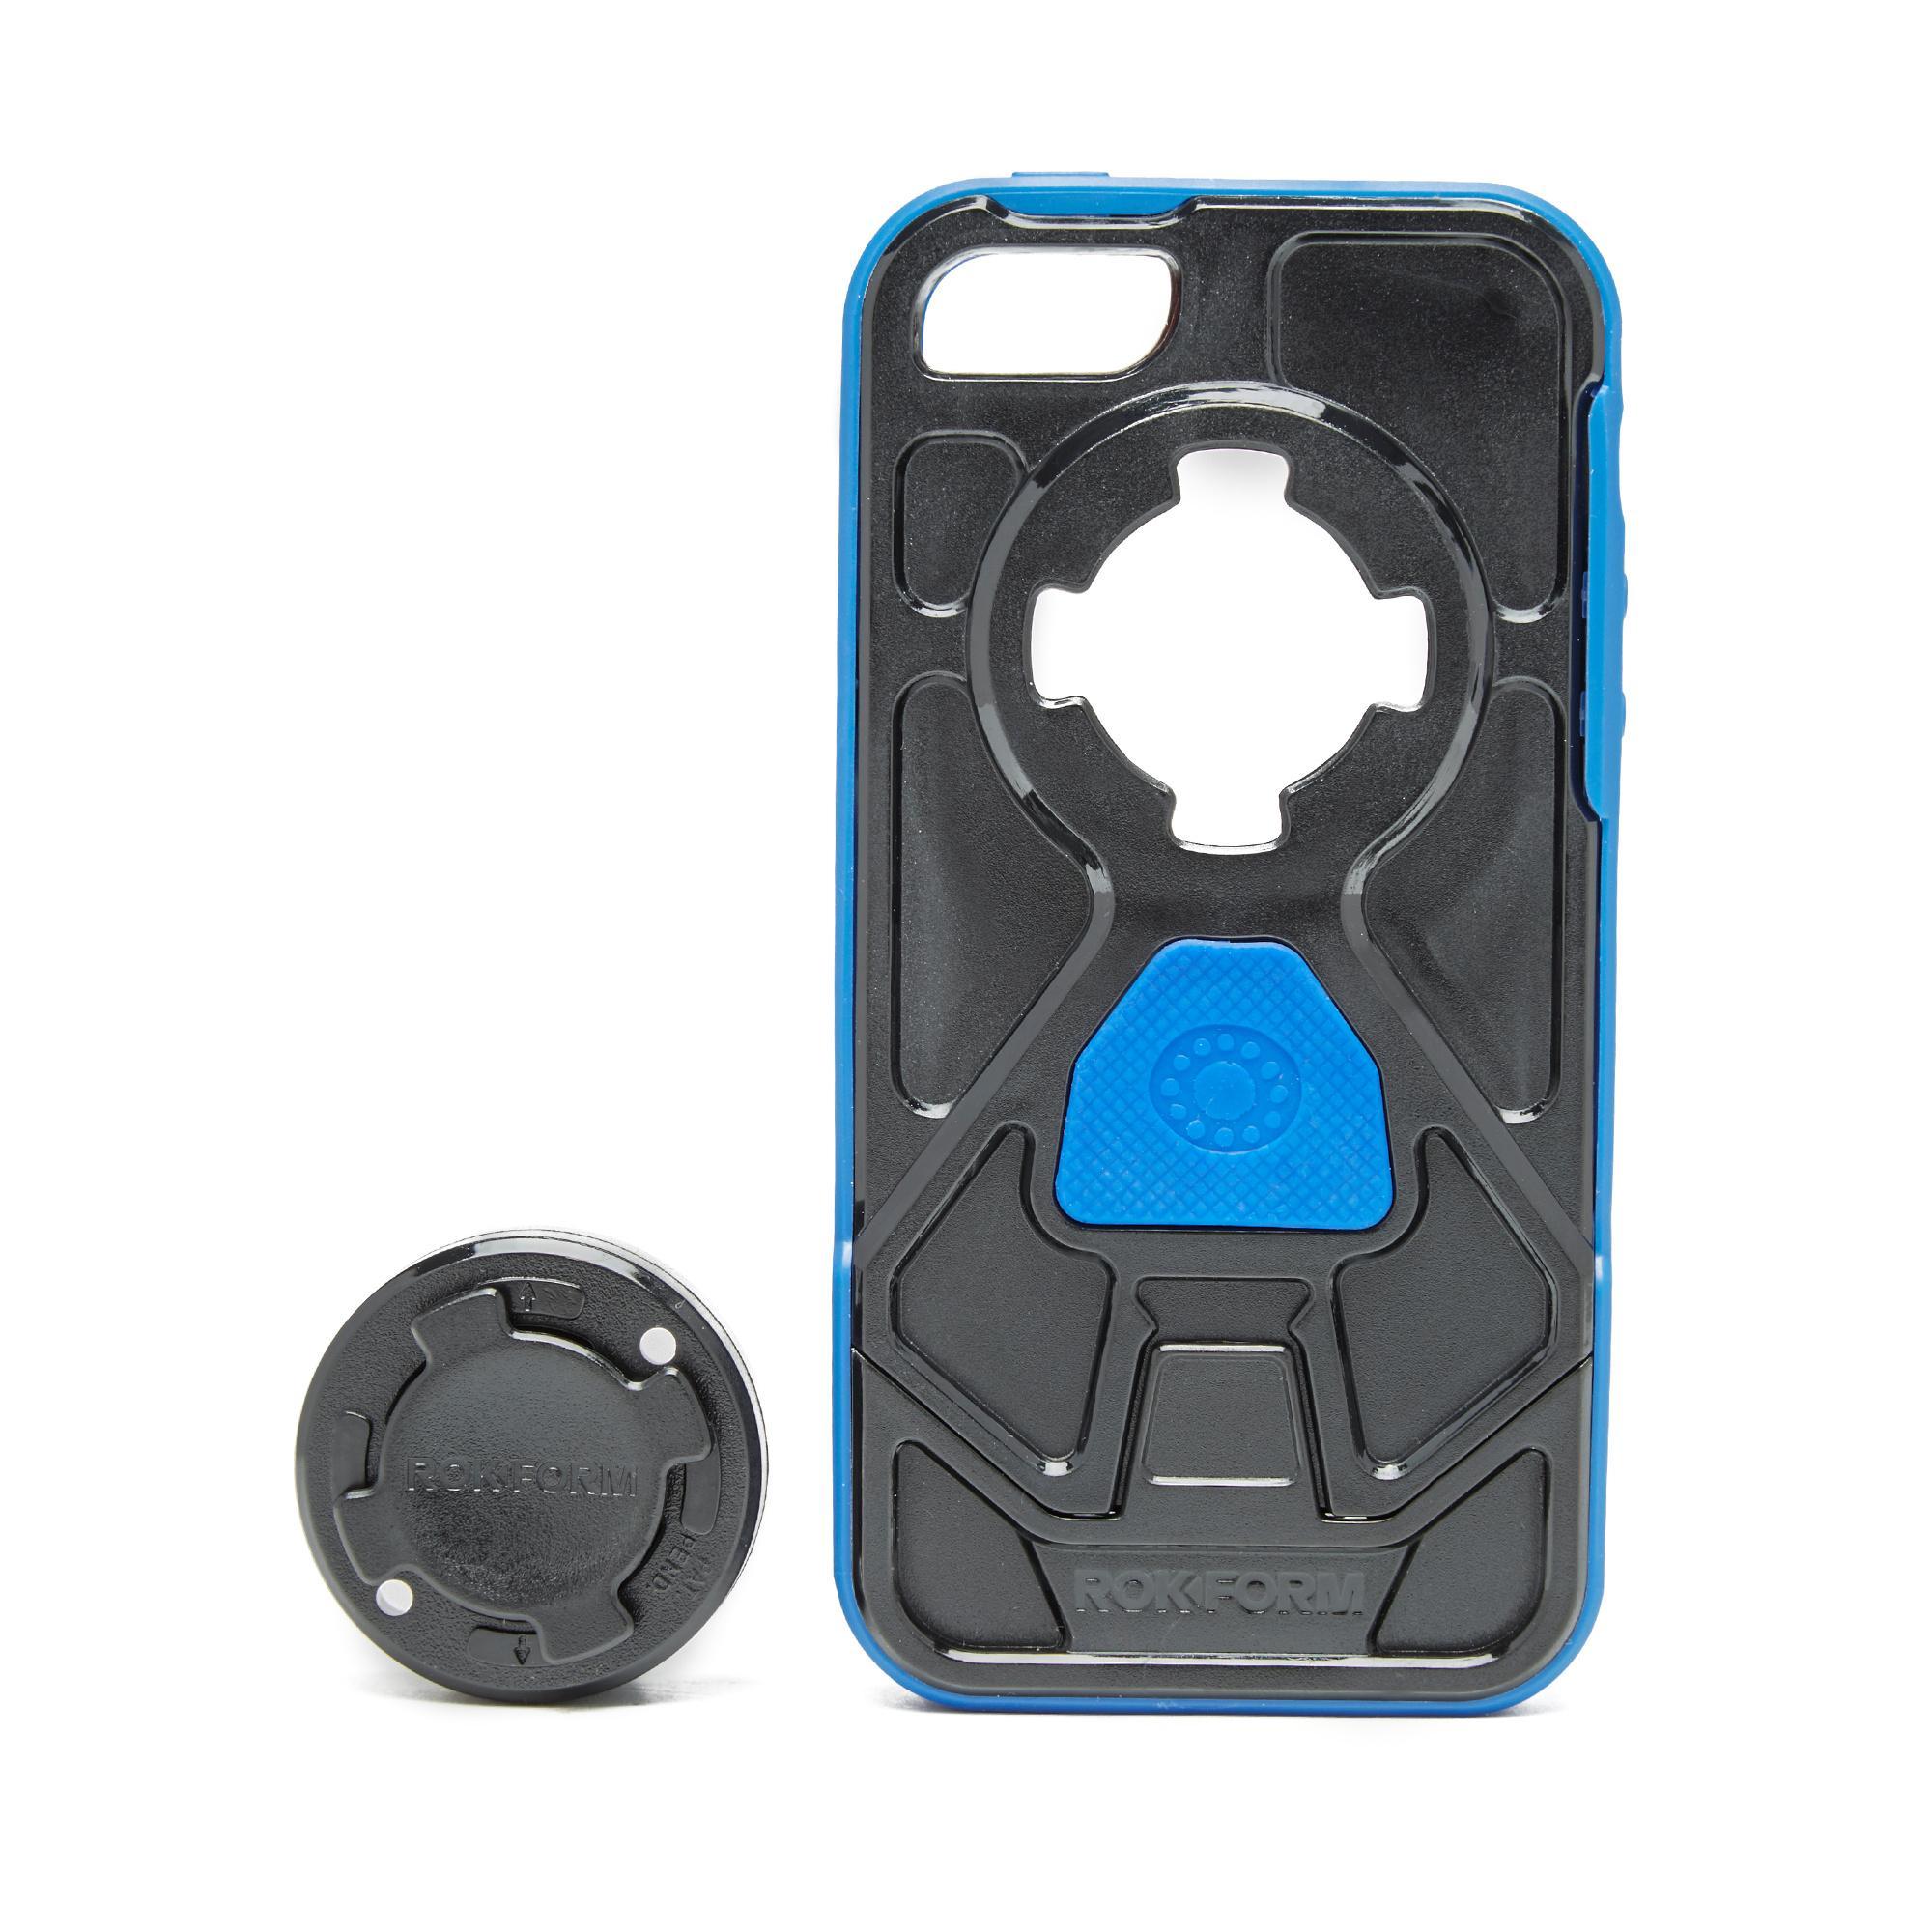 Rokform Rokform iPhone 5 Mountable Case - Black, Black